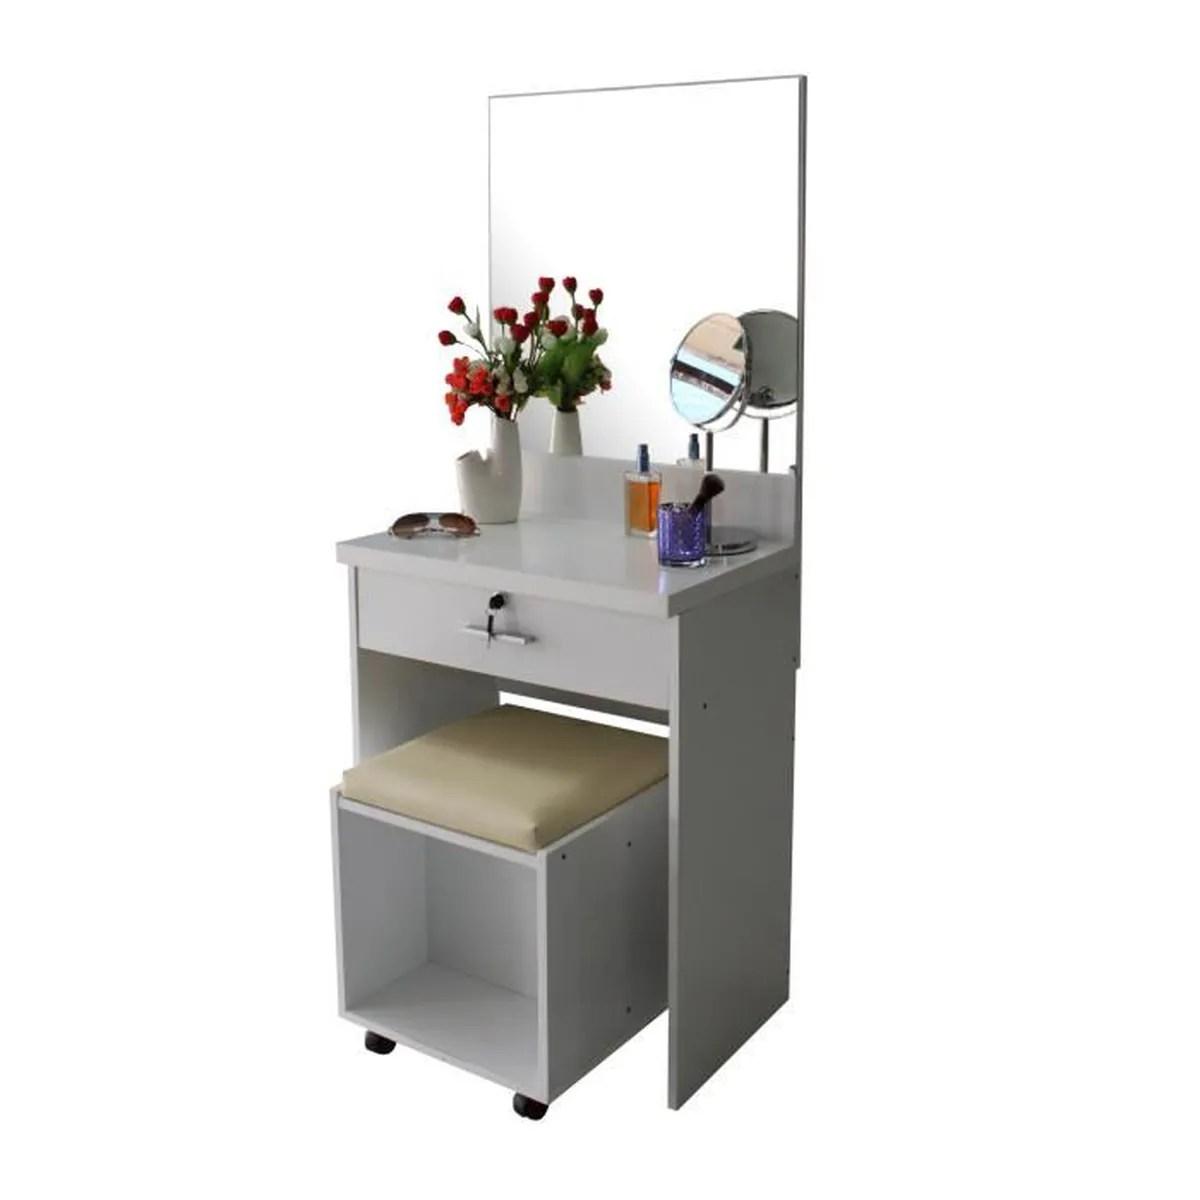 meuble sous evier vanity coiffeuse avec miroir verrouillage des tou